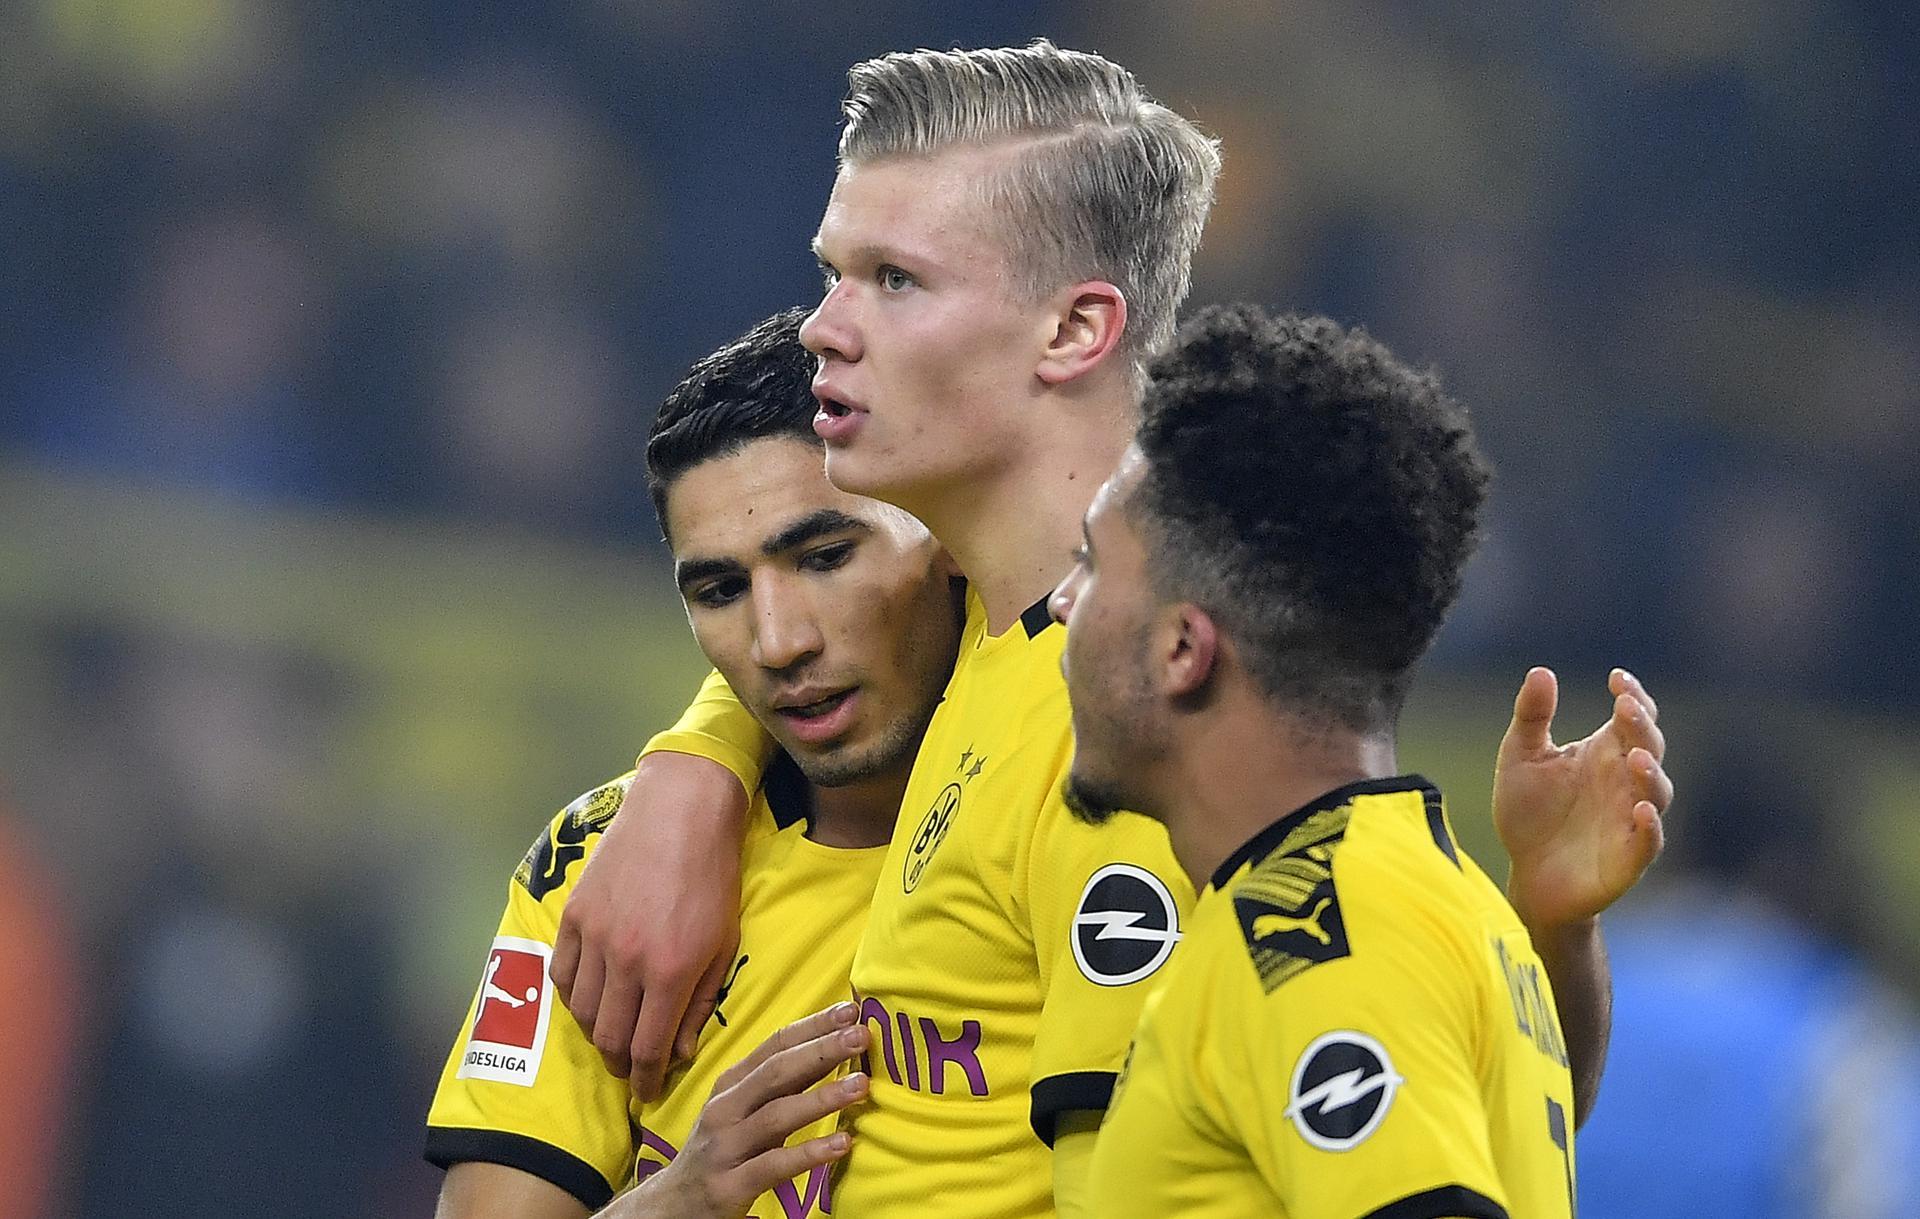 Borussia - PSG RELACJA NA ŻYWO: Borussia deklasuje rywali. Jubileusz Piszczka!  - Super Express